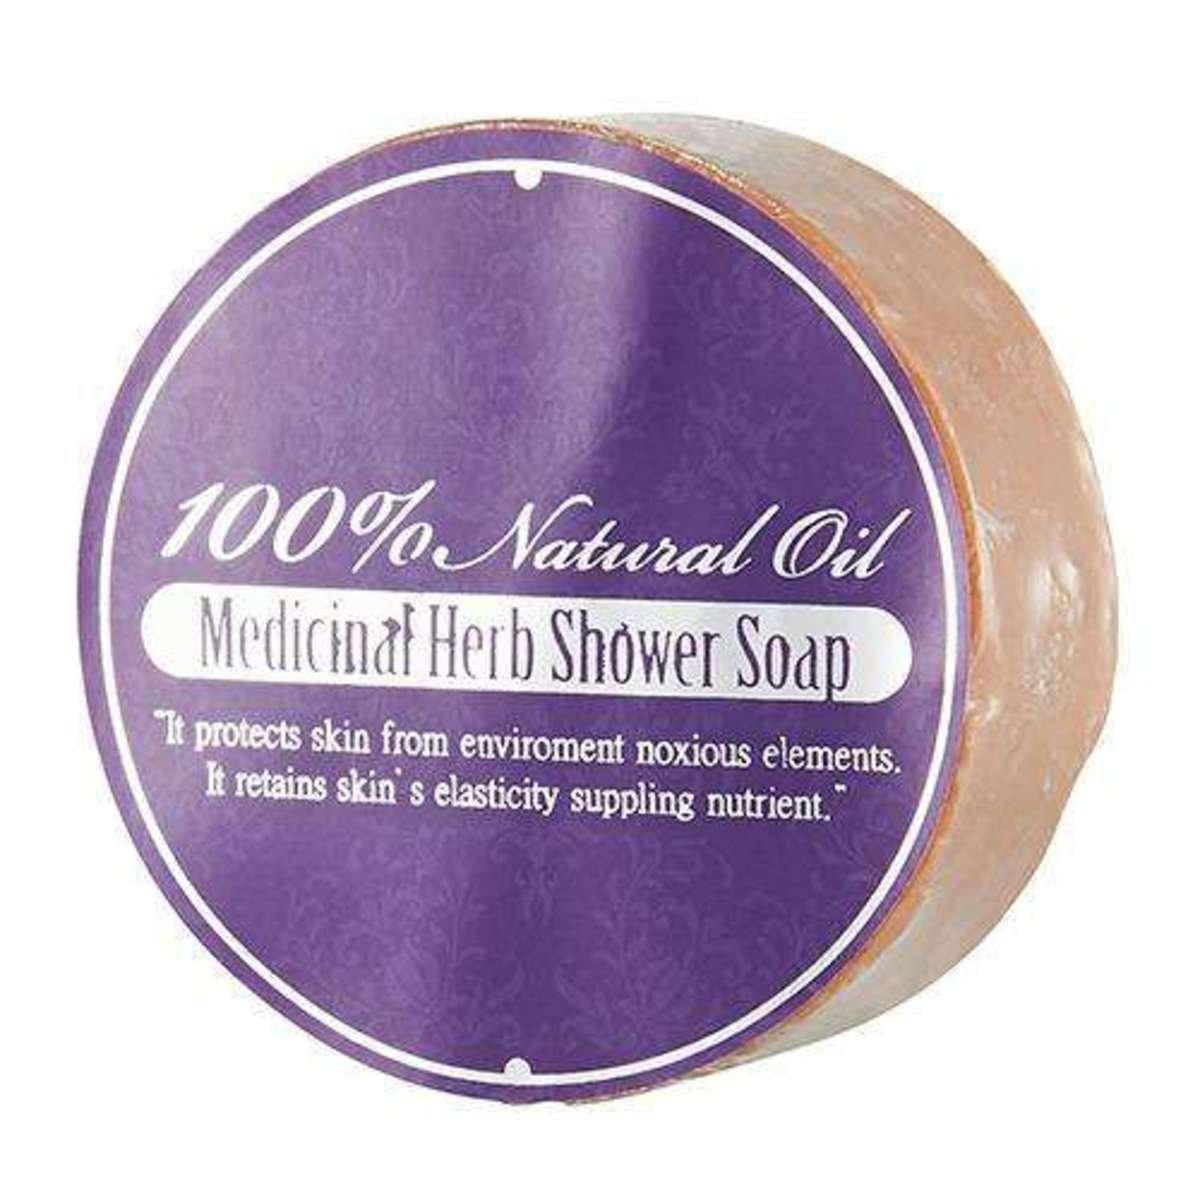 天然中草藥沐浴皂